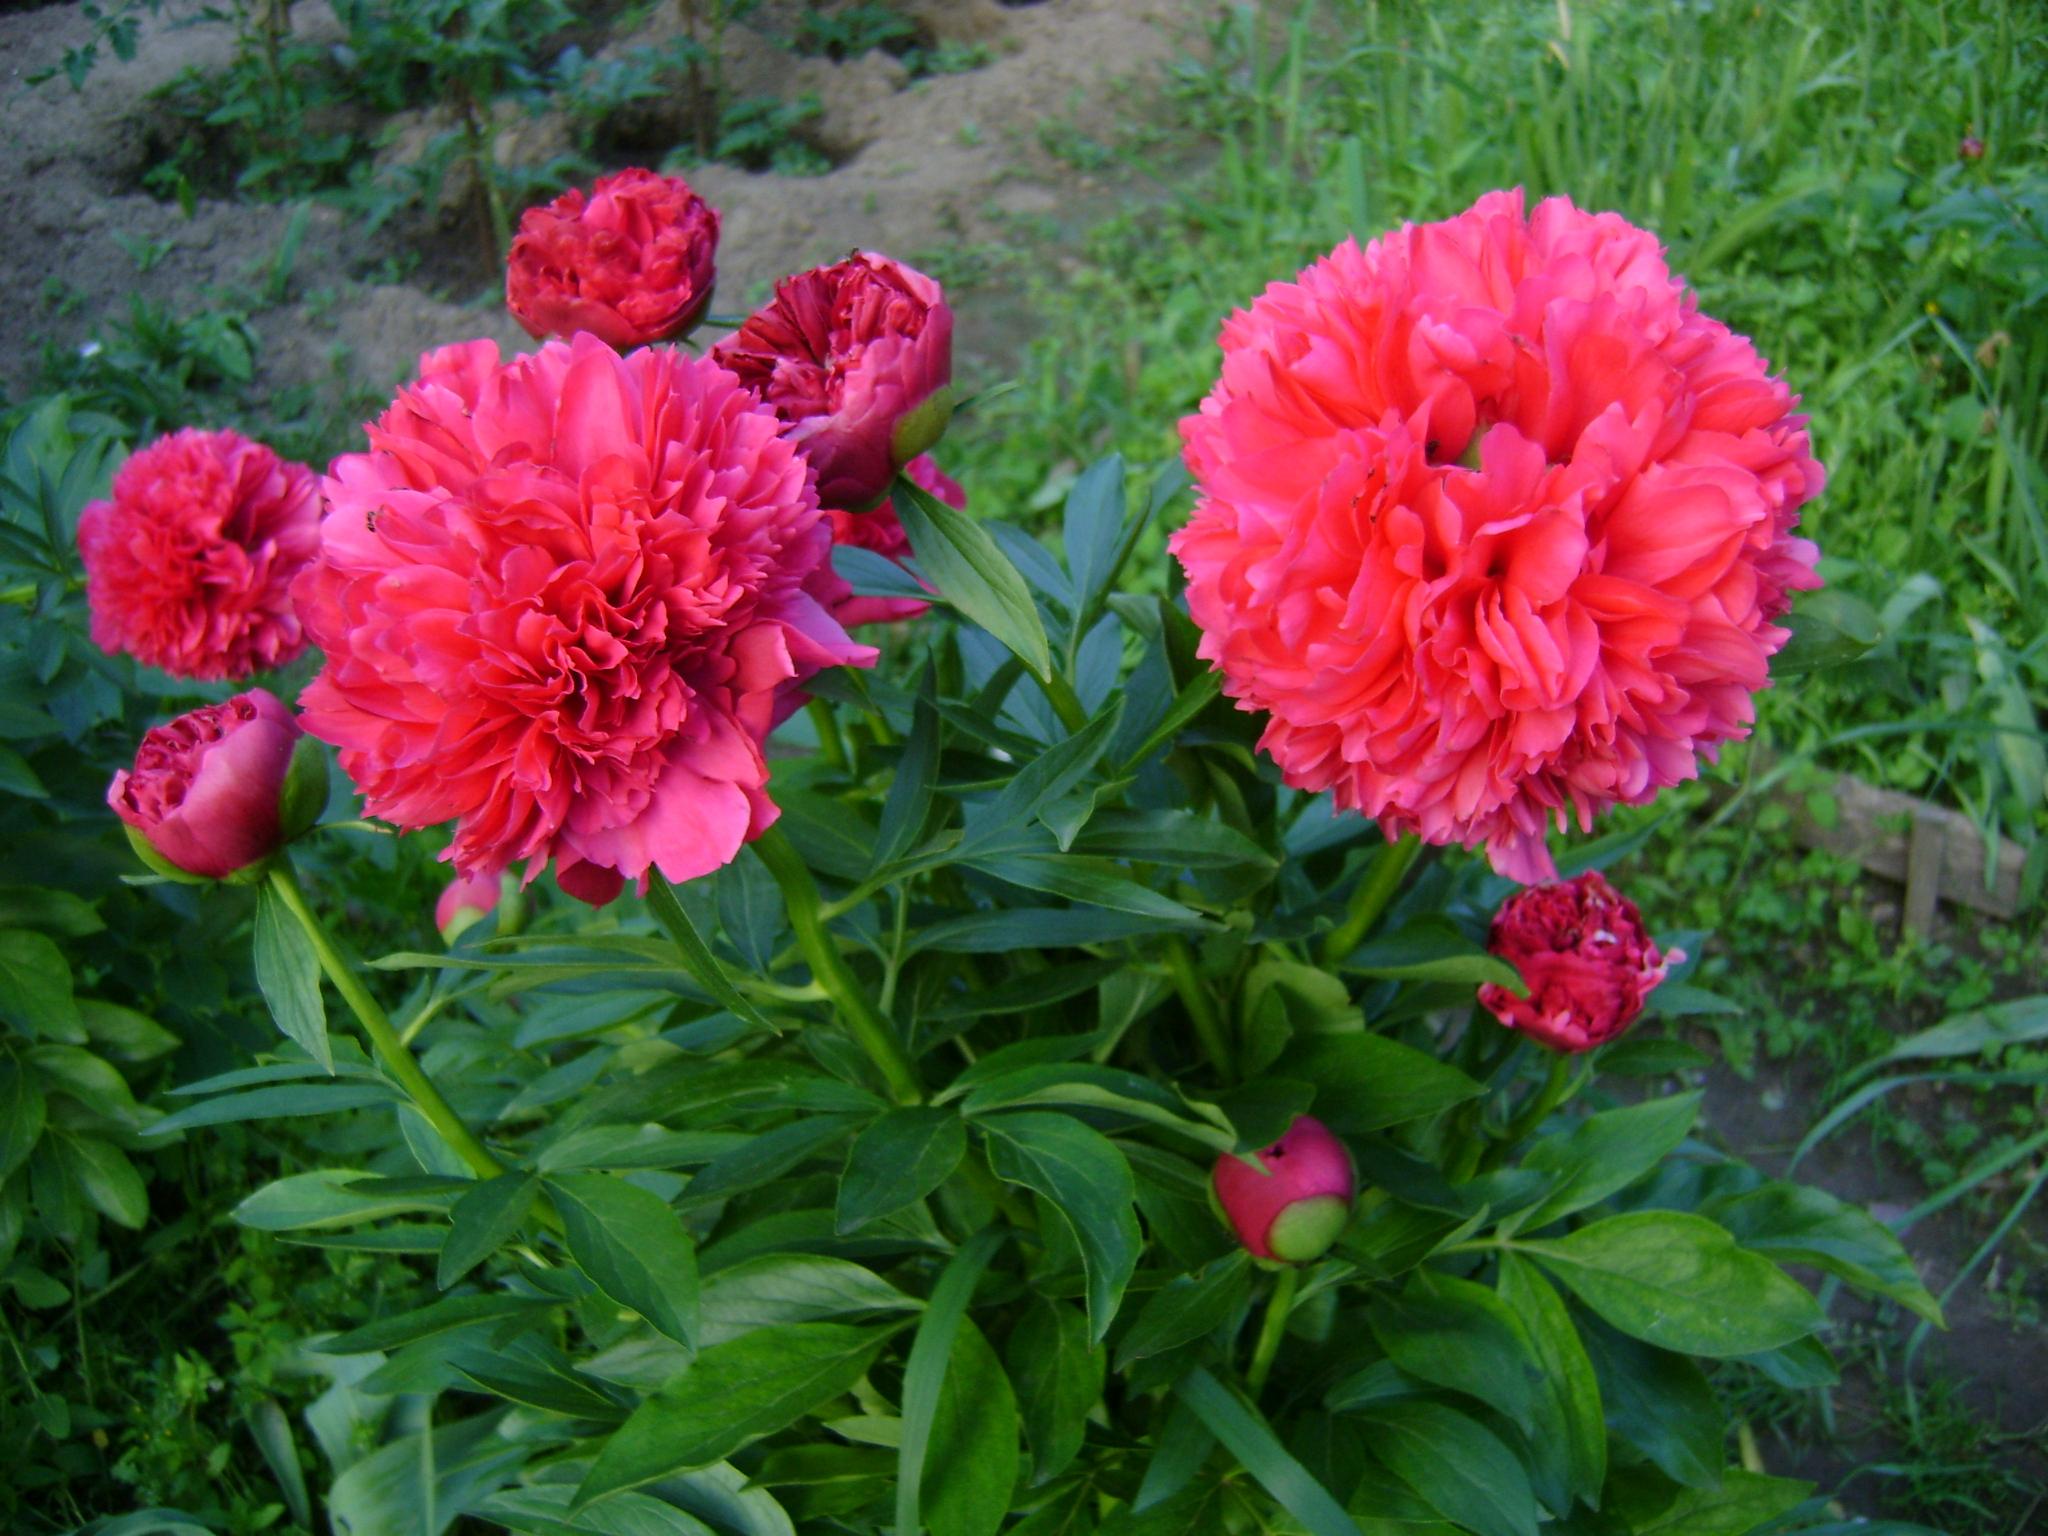 20 лучших сортов пионов для сада: описание, фото, отзывы